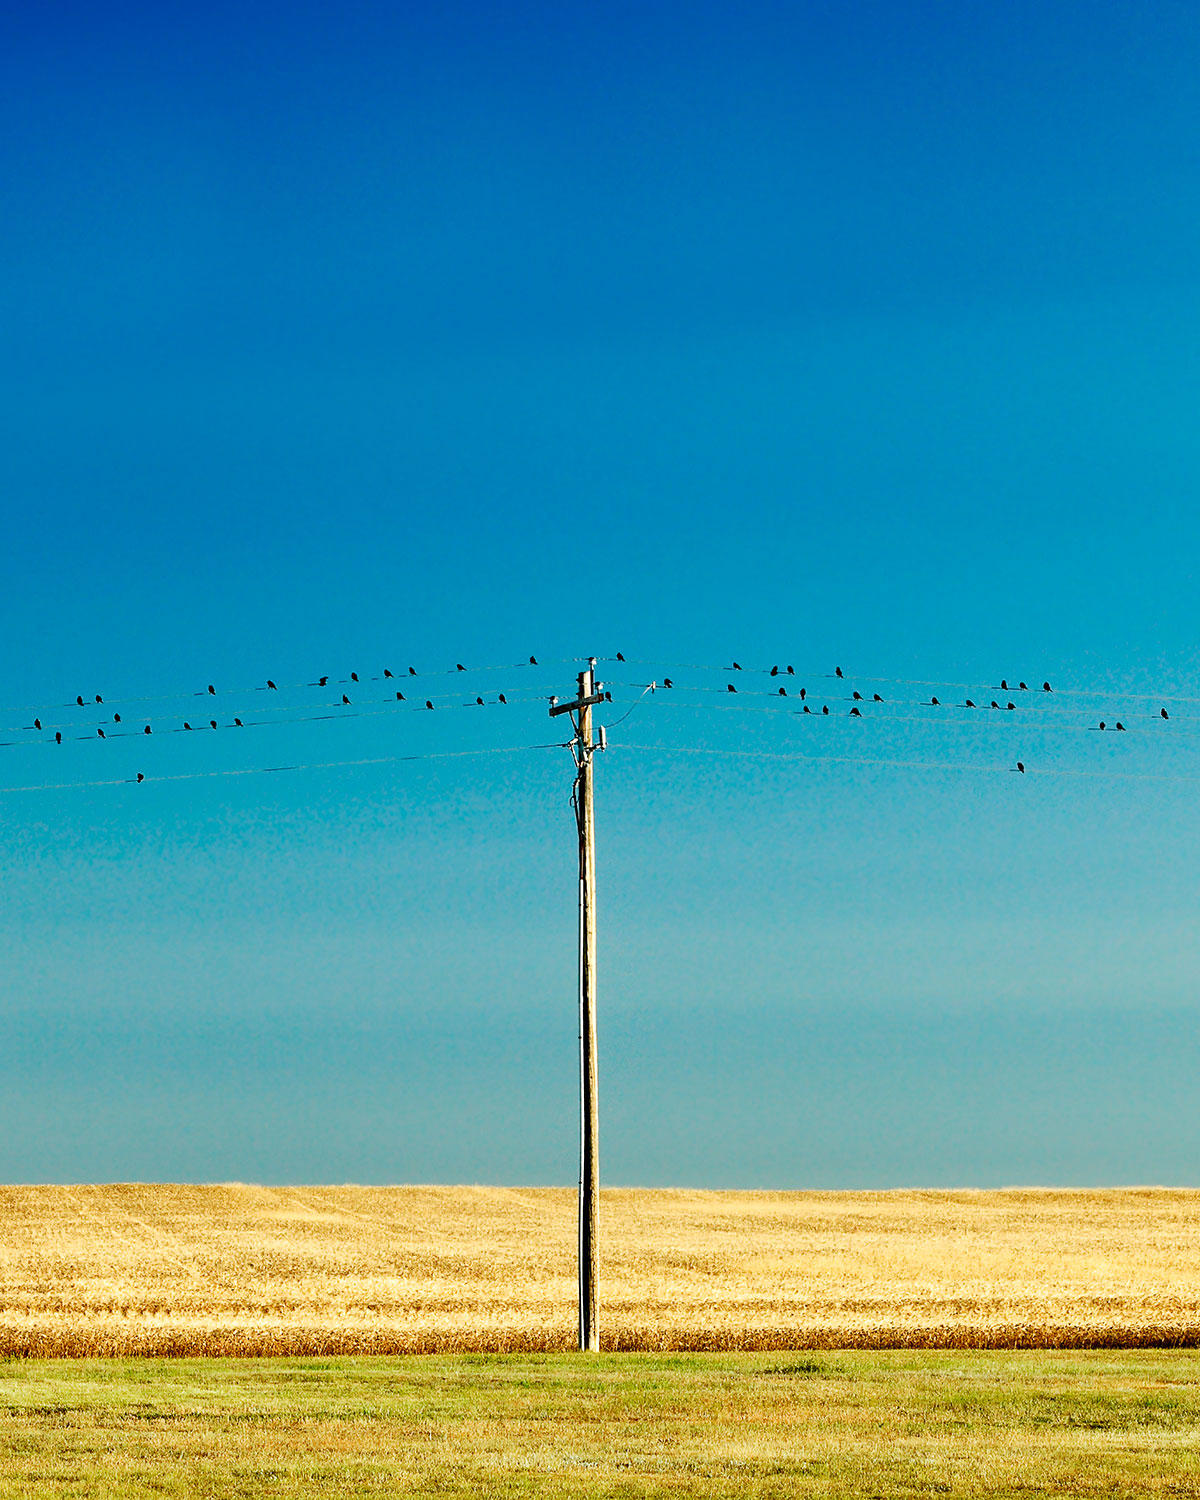 Birds and Pole